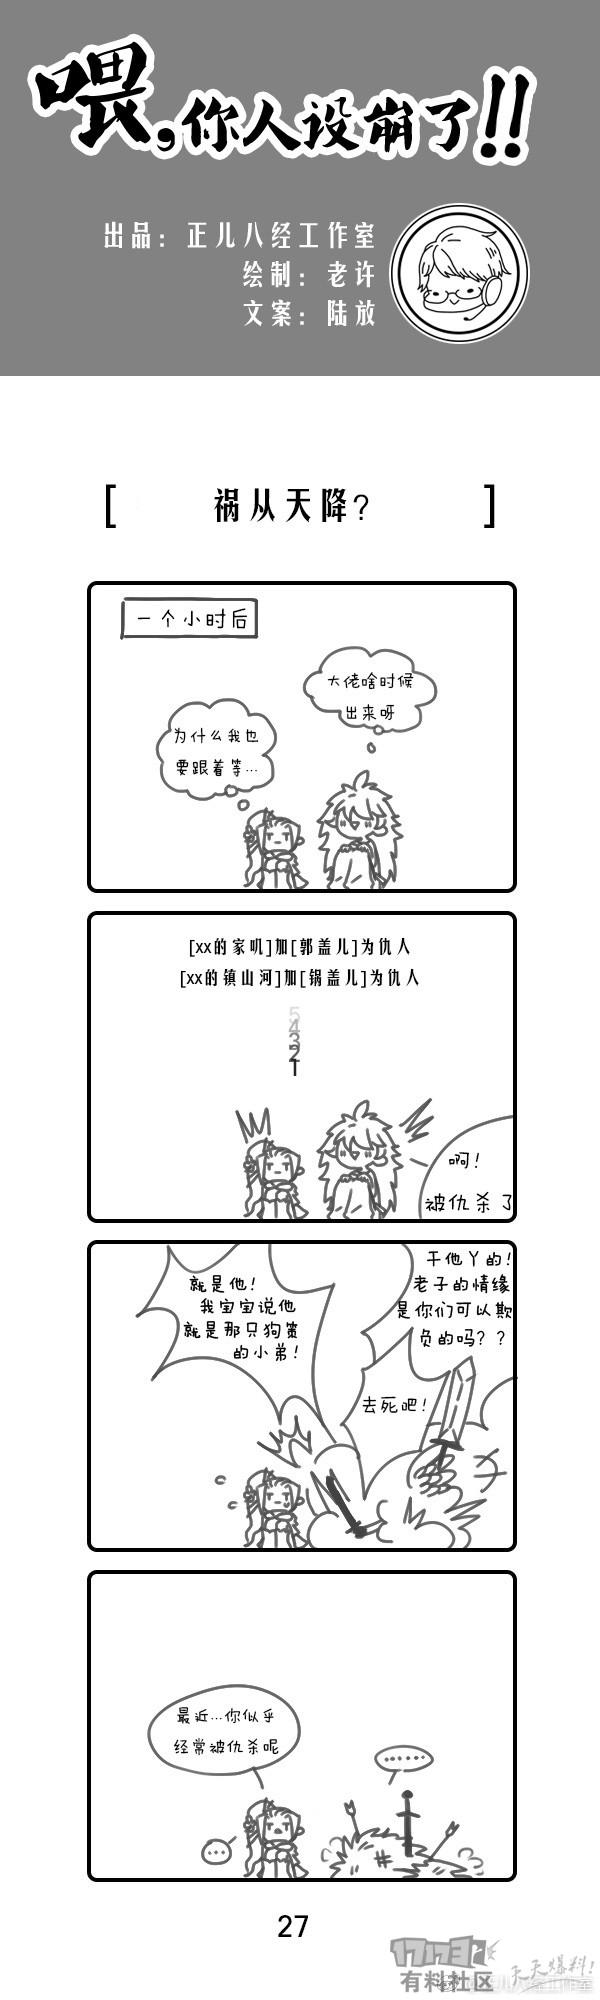 3 (17).jpg